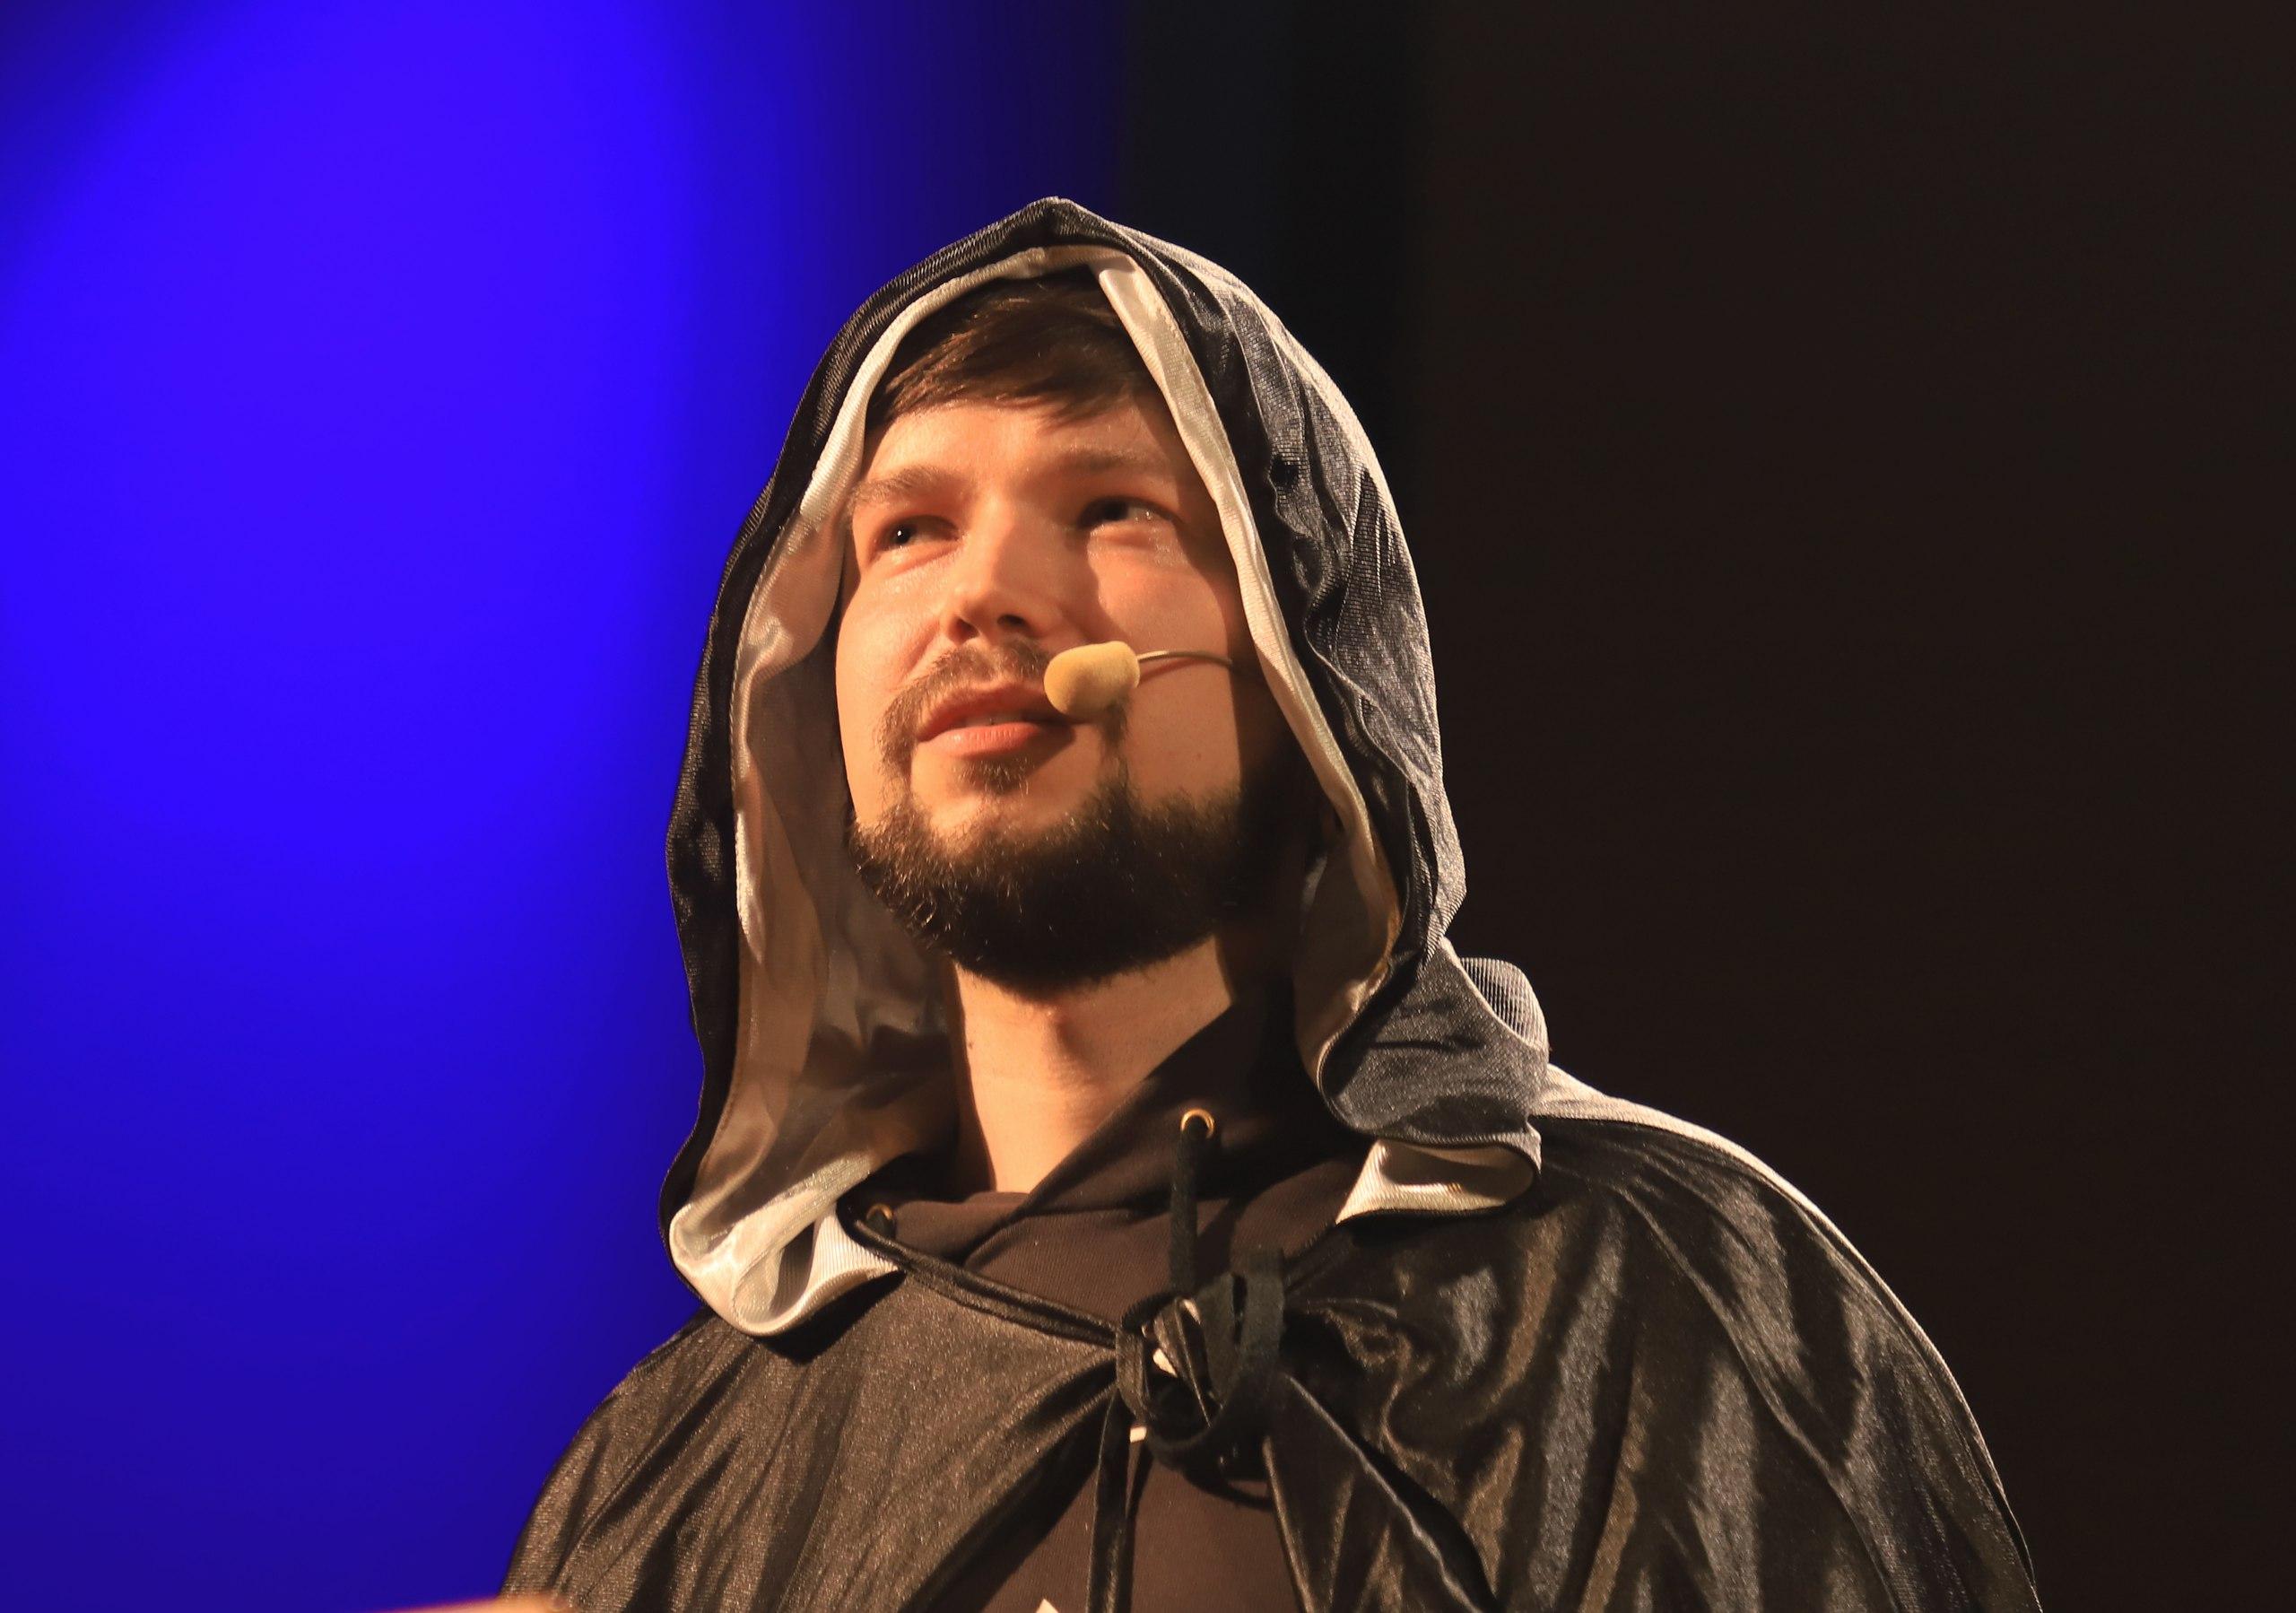 Олег Фея срывает мистические покровы сквантовой физики. || Фото G.R. Photo